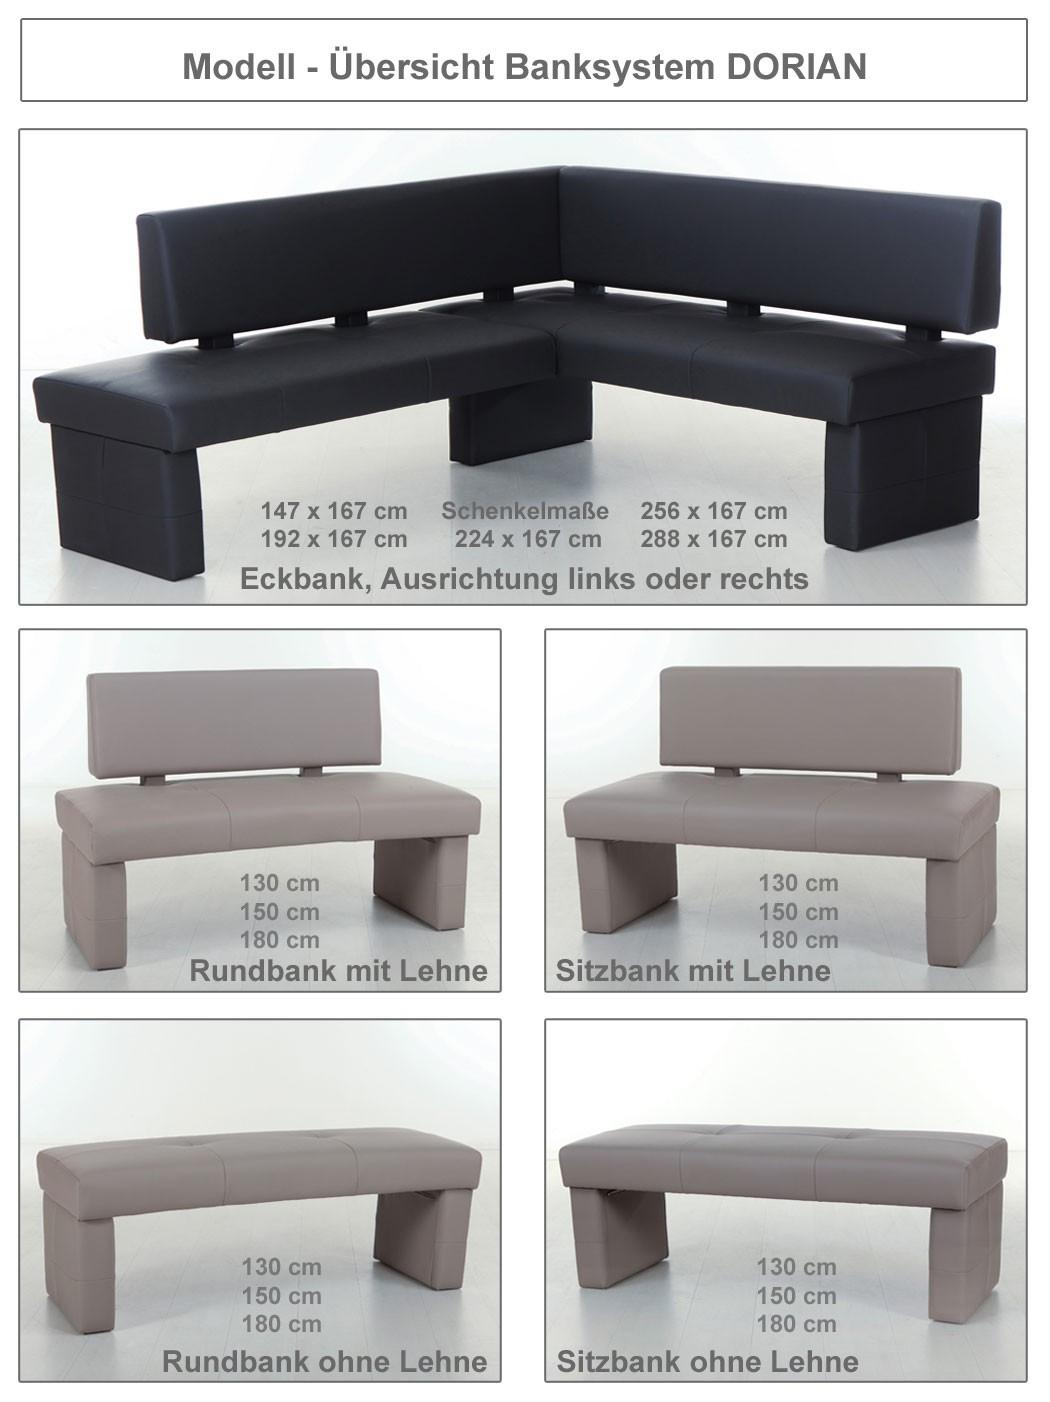 bank dorian mit lehne kunstleder variante 130cm 150cm. Black Bedroom Furniture Sets. Home Design Ideas